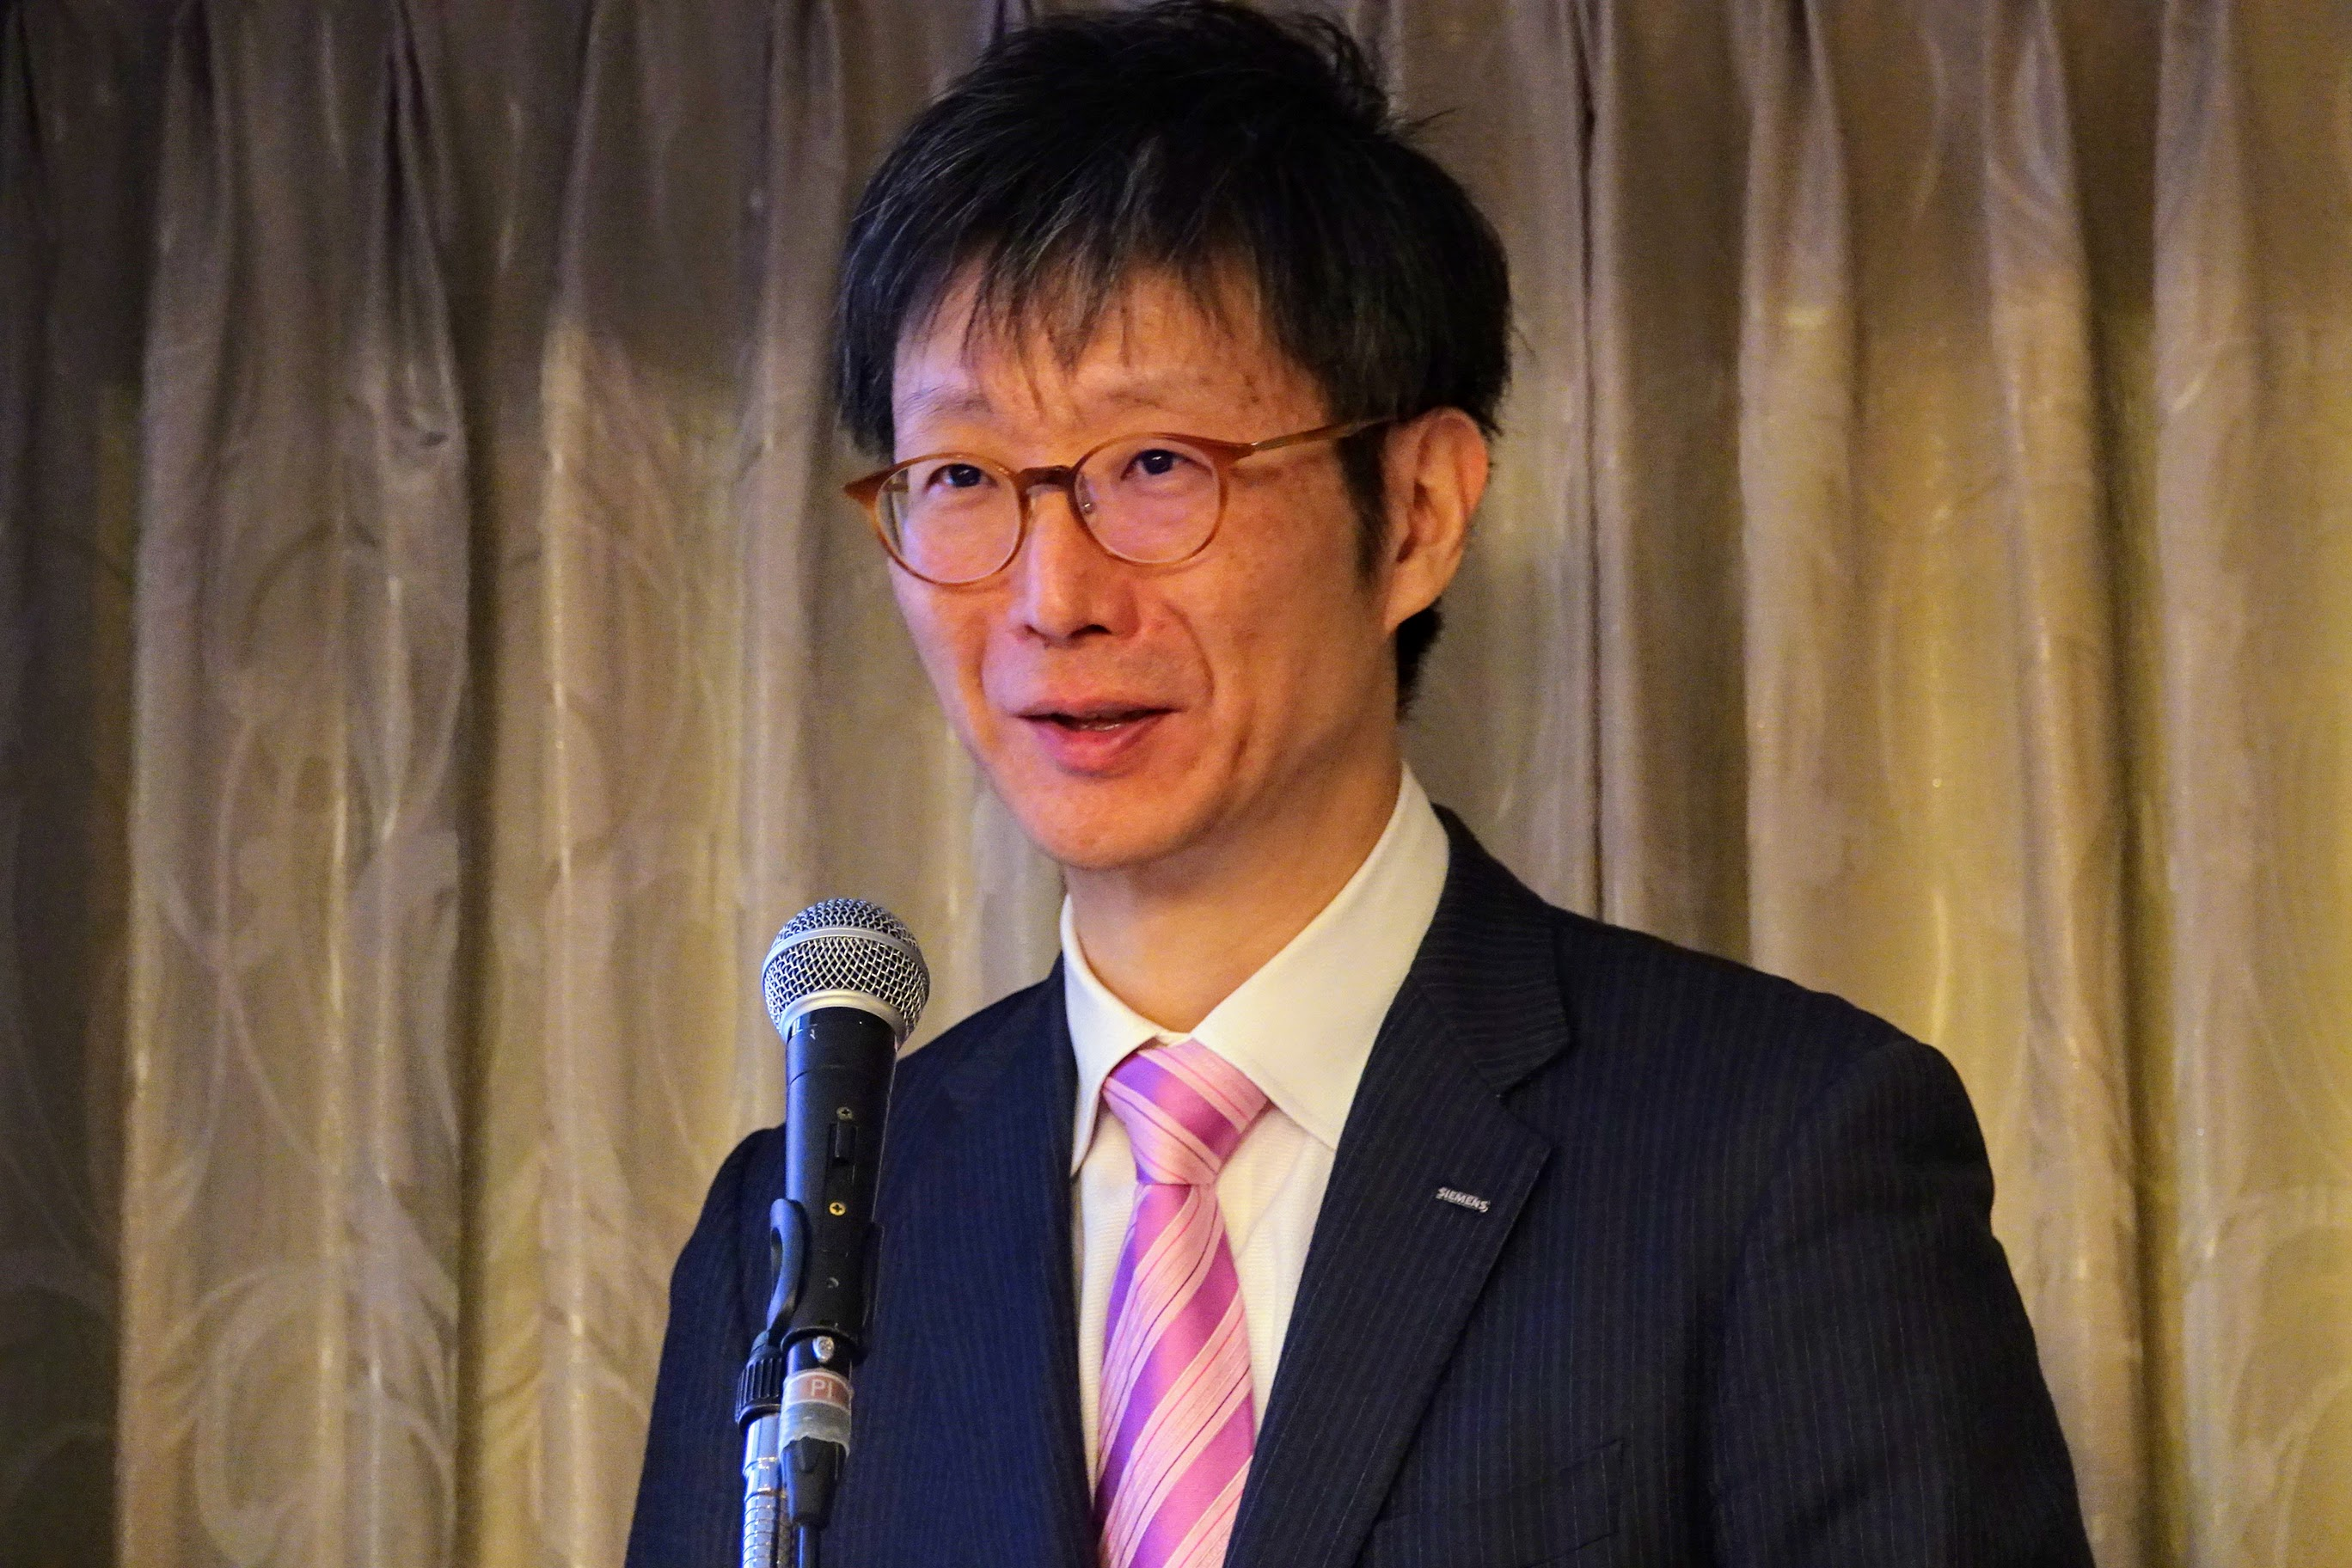 シーメンス株式会社 専務執行役員 島田太郎氏